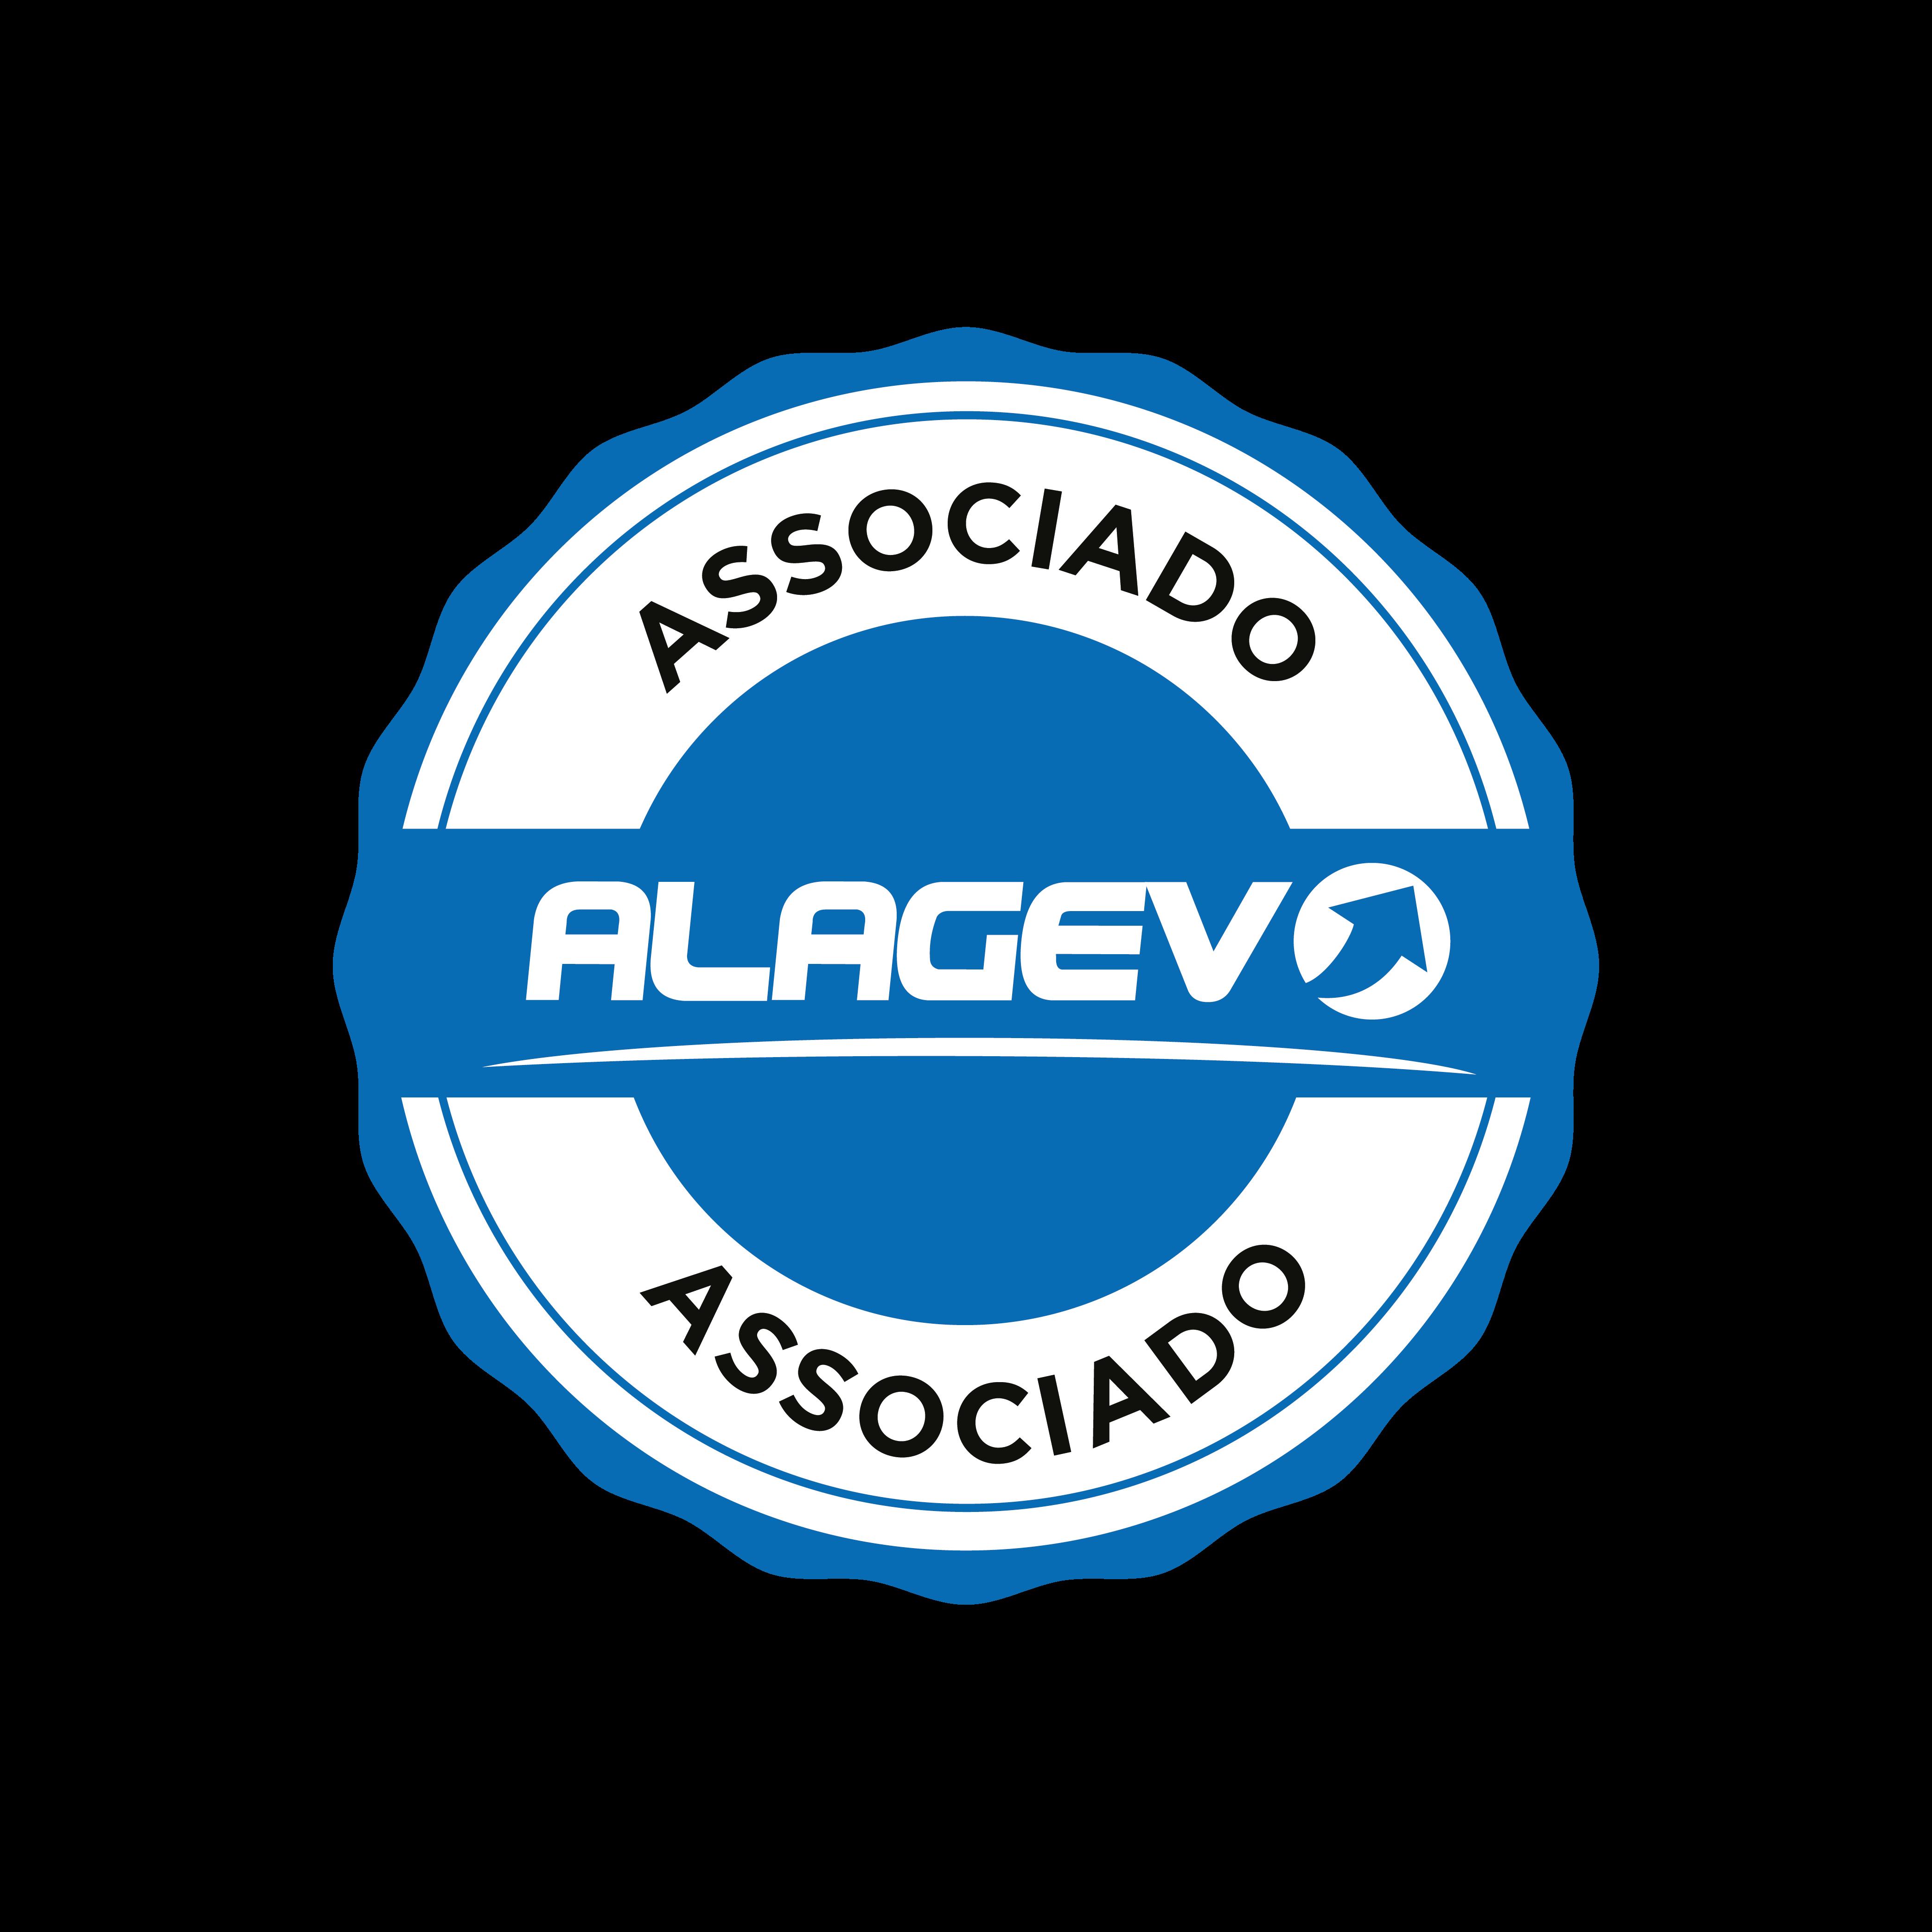 Associado Alagedo